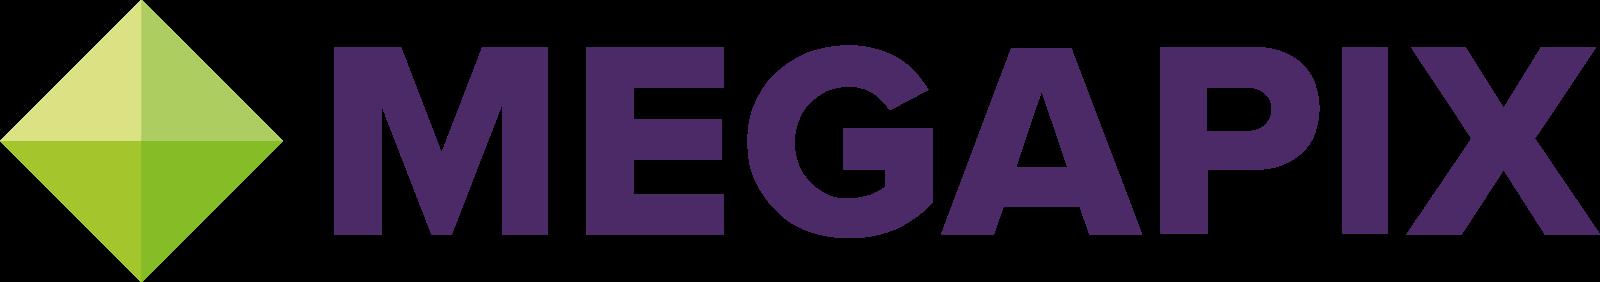 megapix logo 2 - Megapix Logo